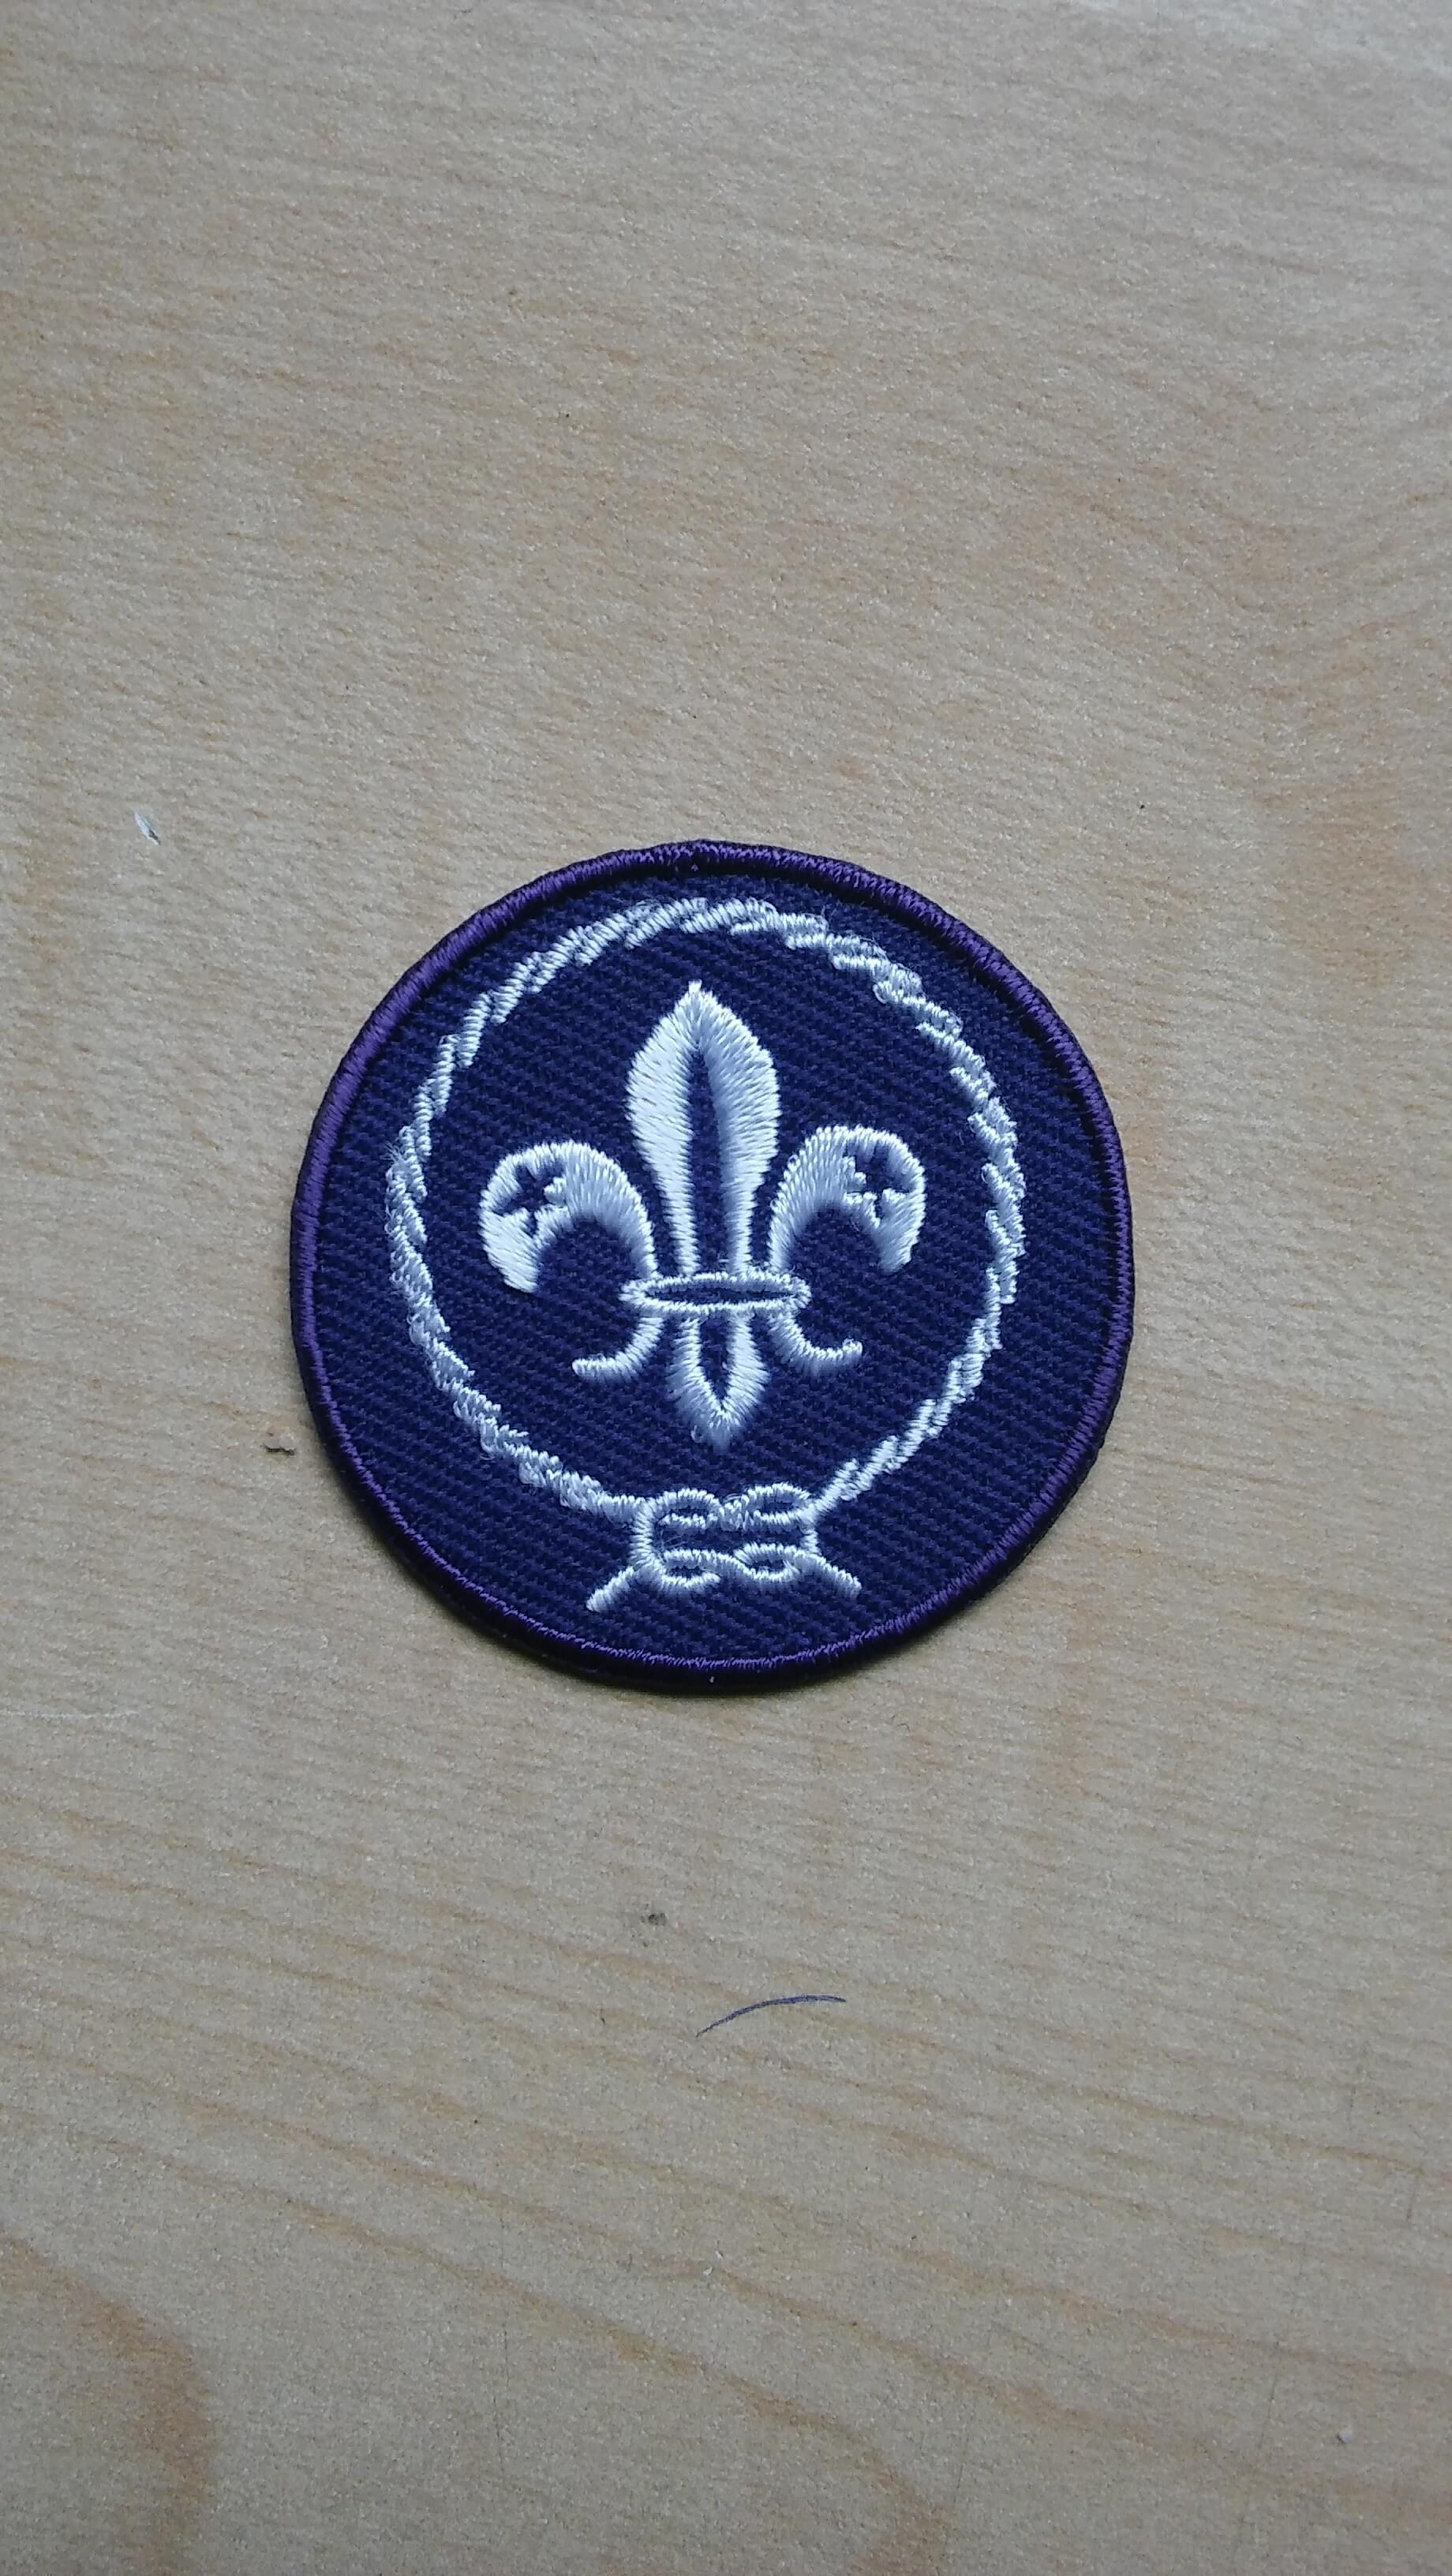 Kenteken scouts/gidsen Image